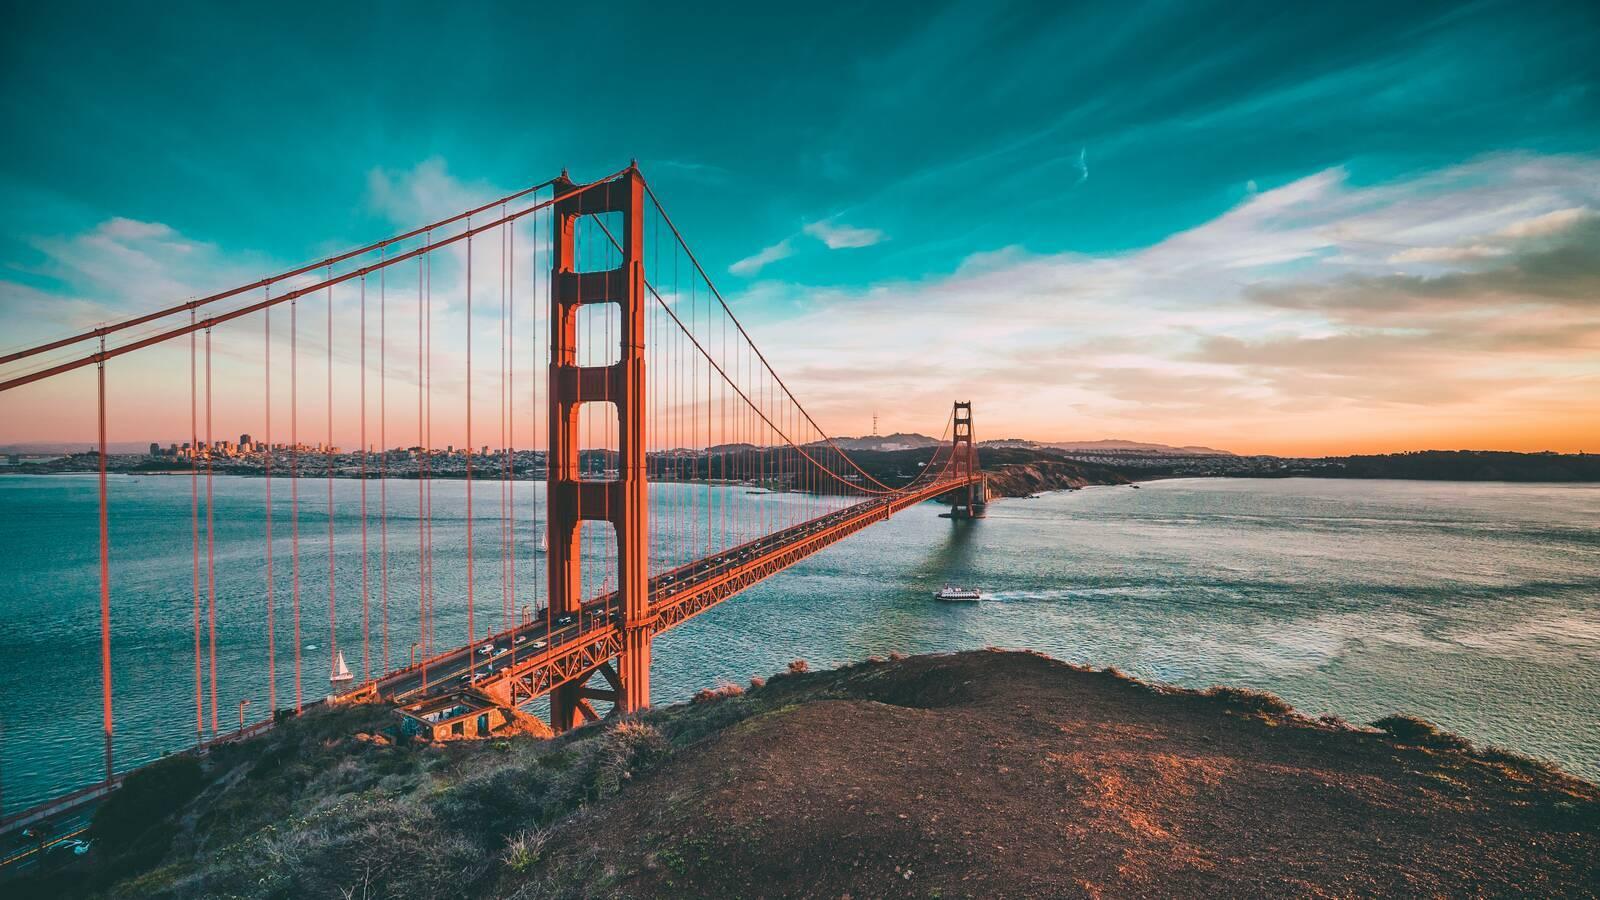 San Francisco joseph barrientos